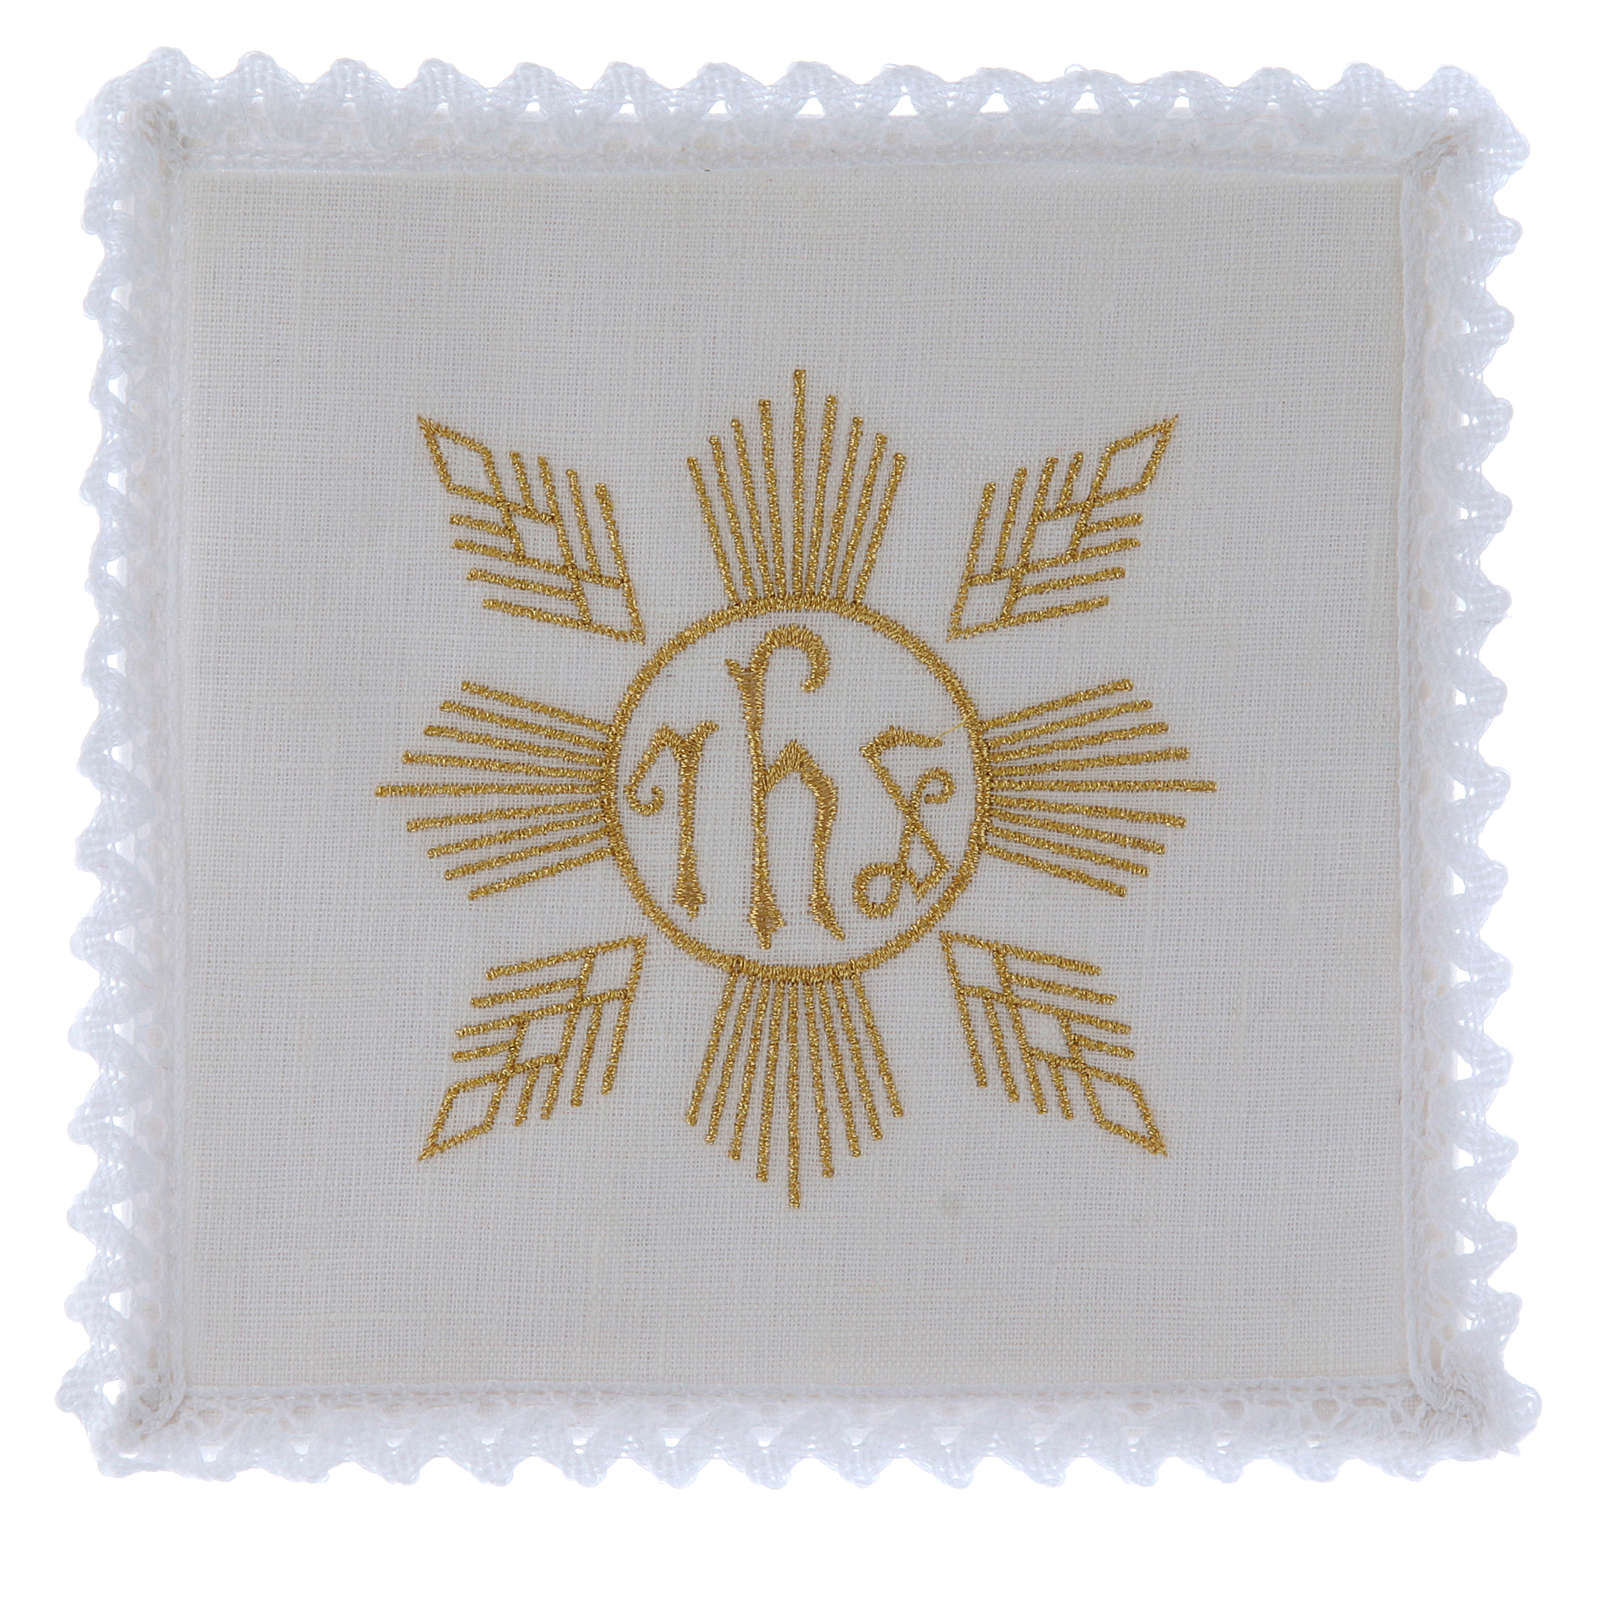 Servizio da altare lino ricami dorati figure geometriche simbolo JHS 4